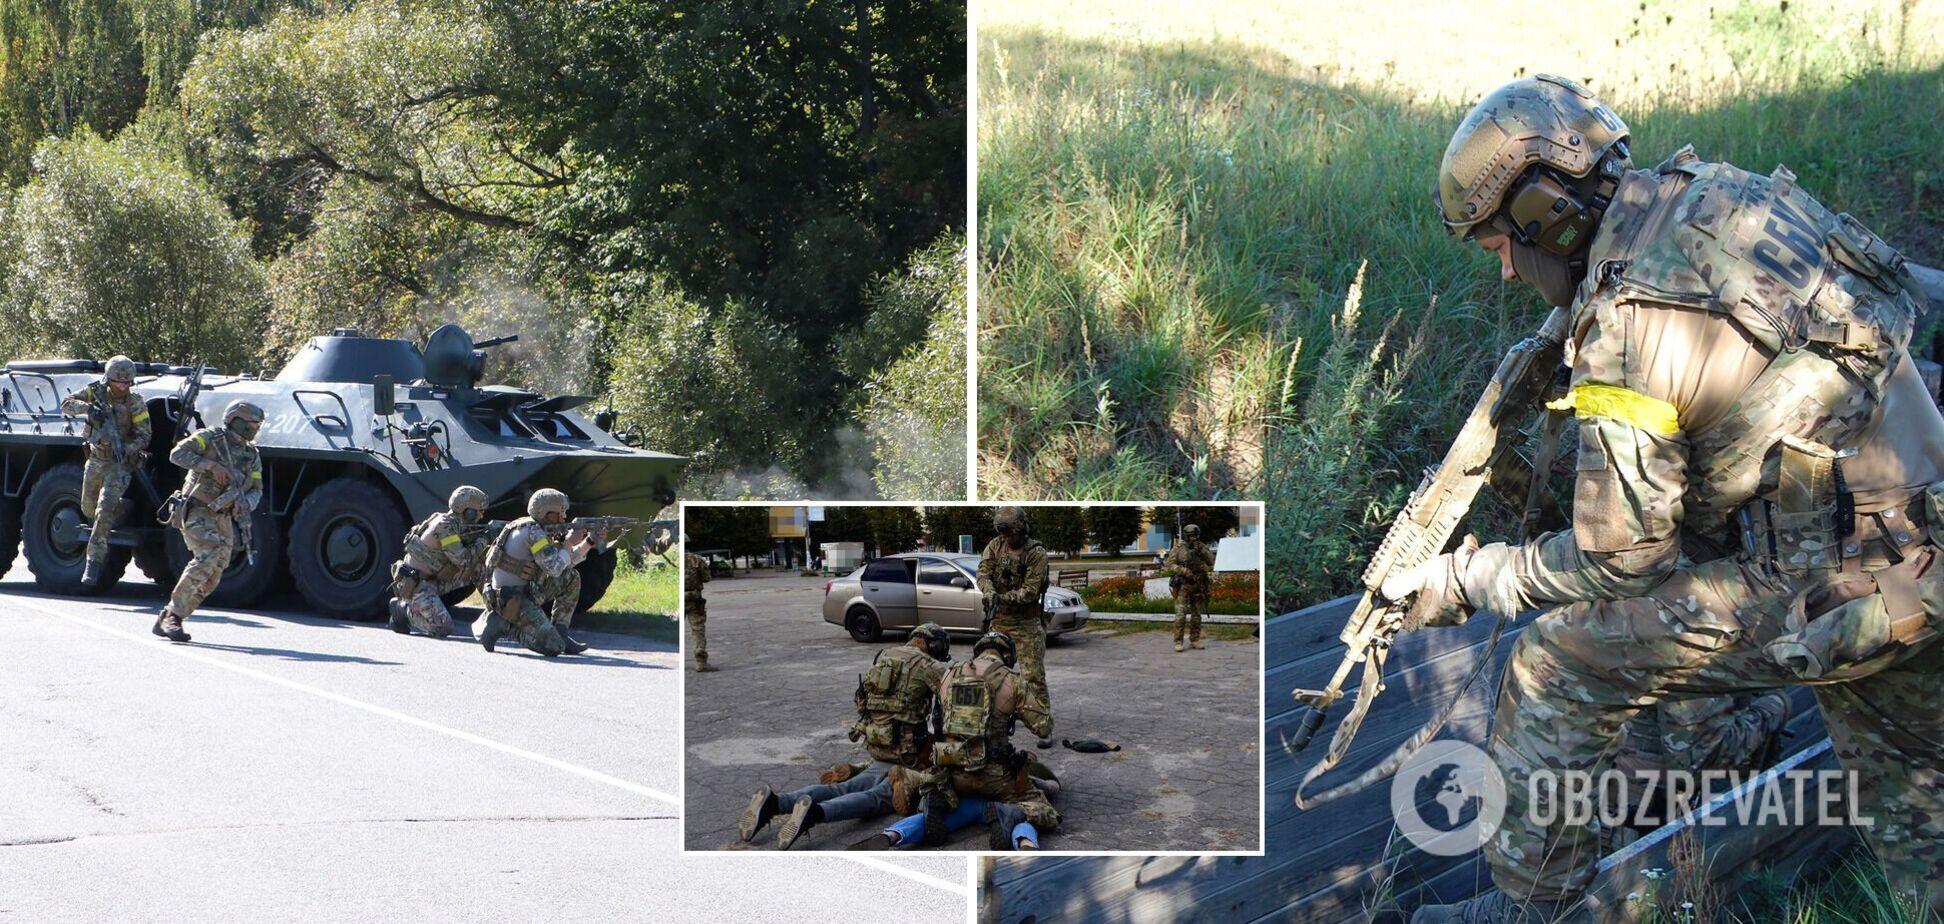 СБУ провела масштабные учения по нейтрализации диверсантов вблизи границы с РФ. Фото и видео